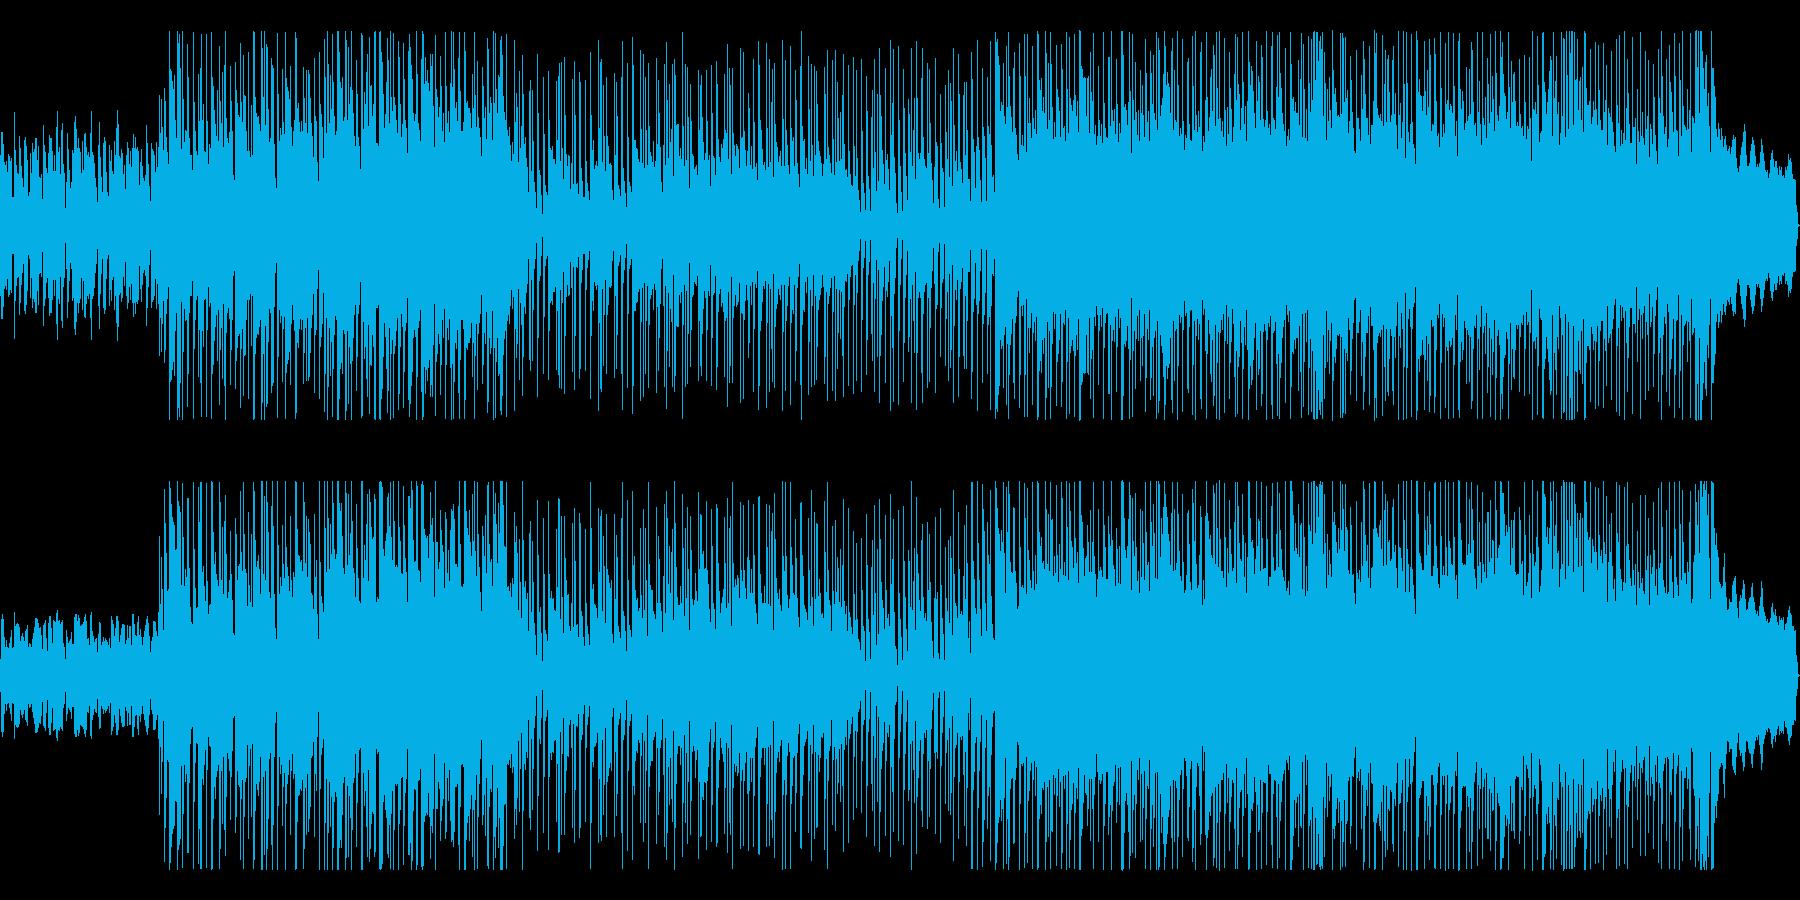 クールでテクニカルなロックサウンドの再生済みの波形